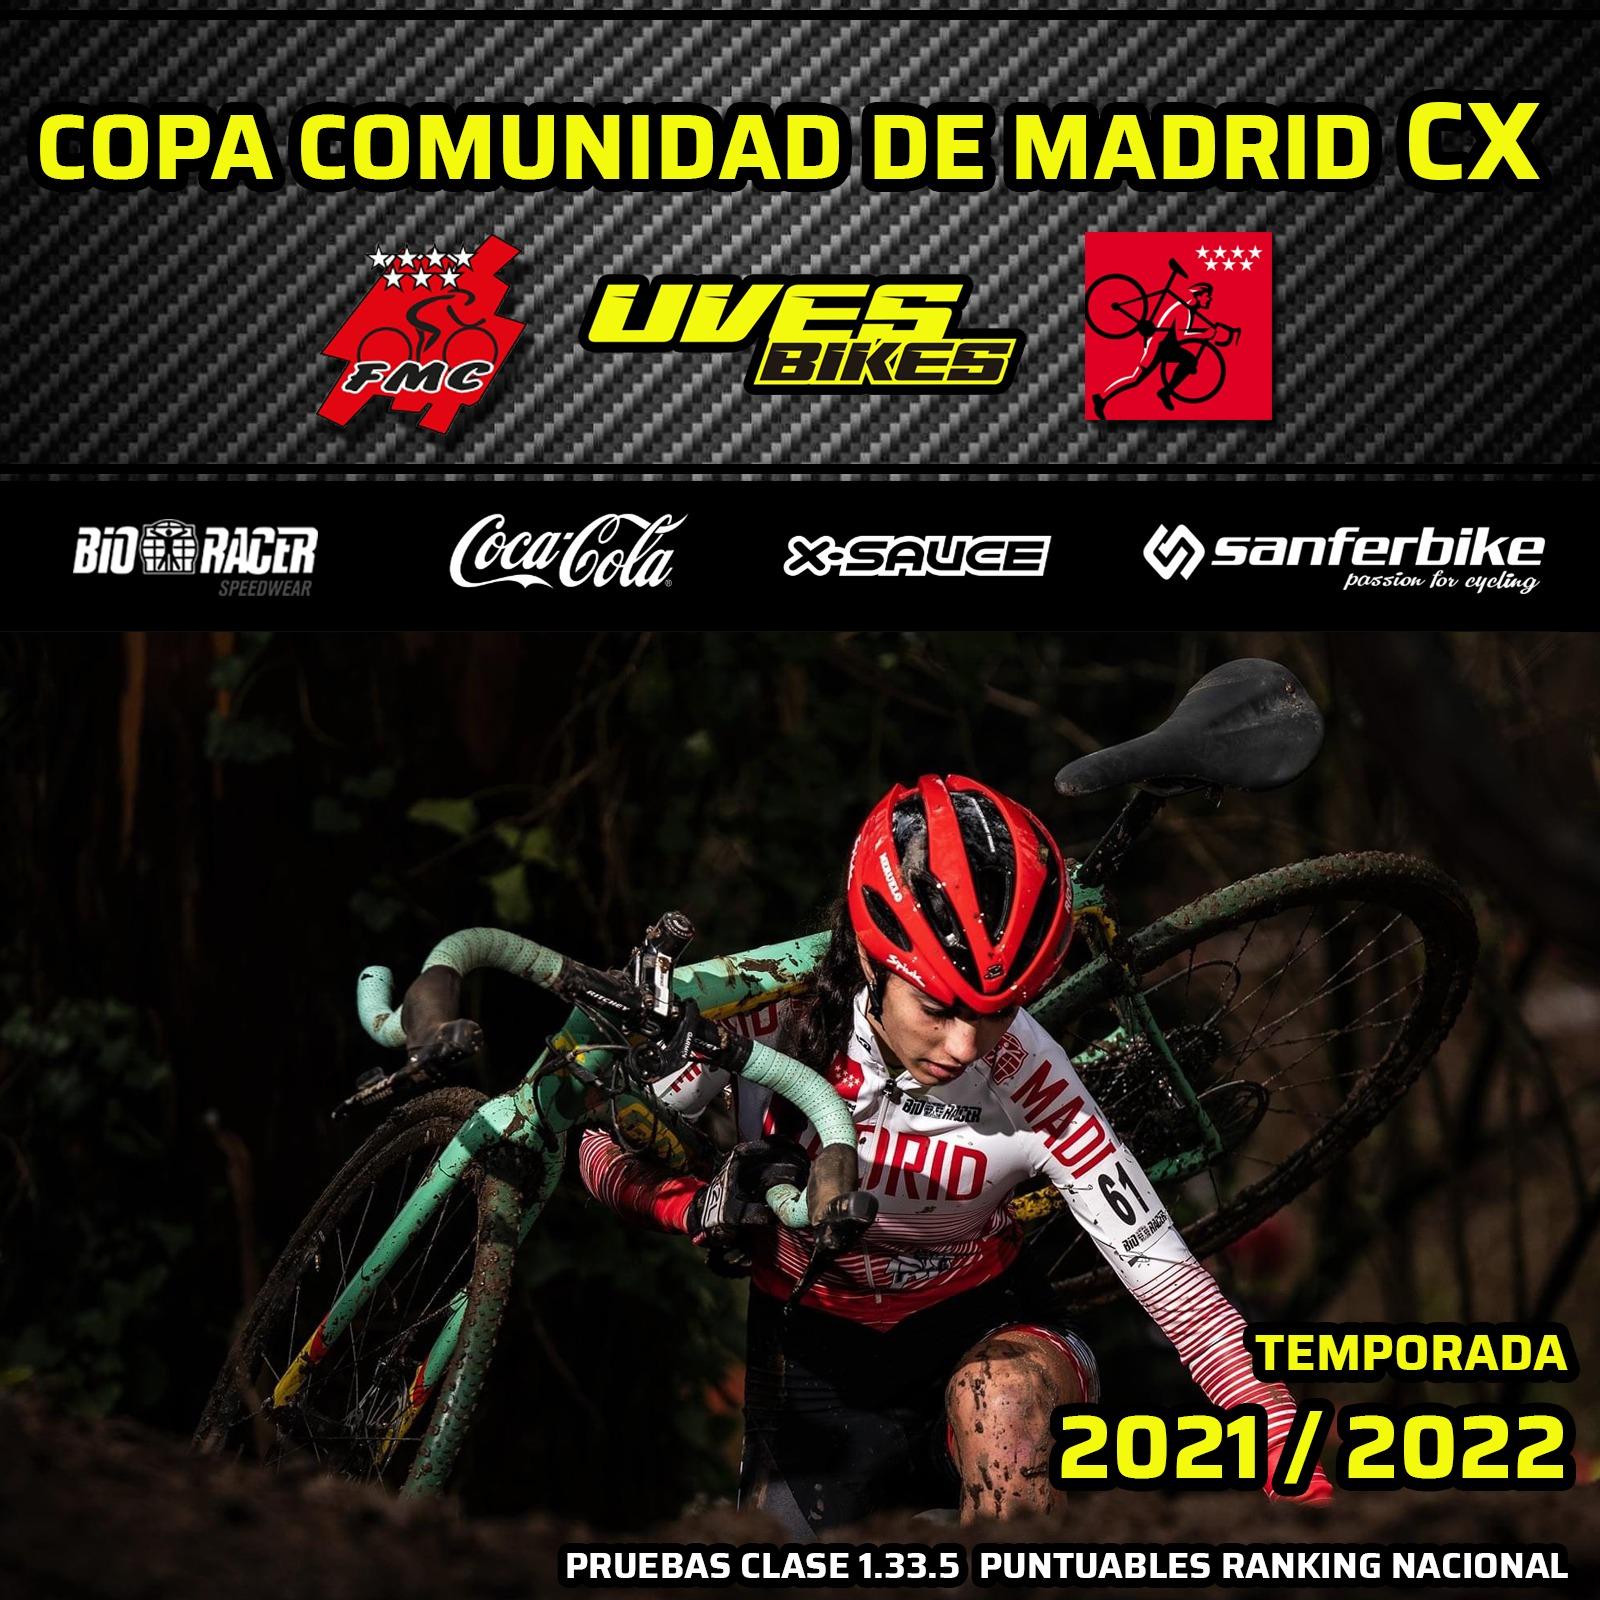 Lista la web con toda la información de la XVII Copa Comunidad de Madrid de ciclocross 2021-22